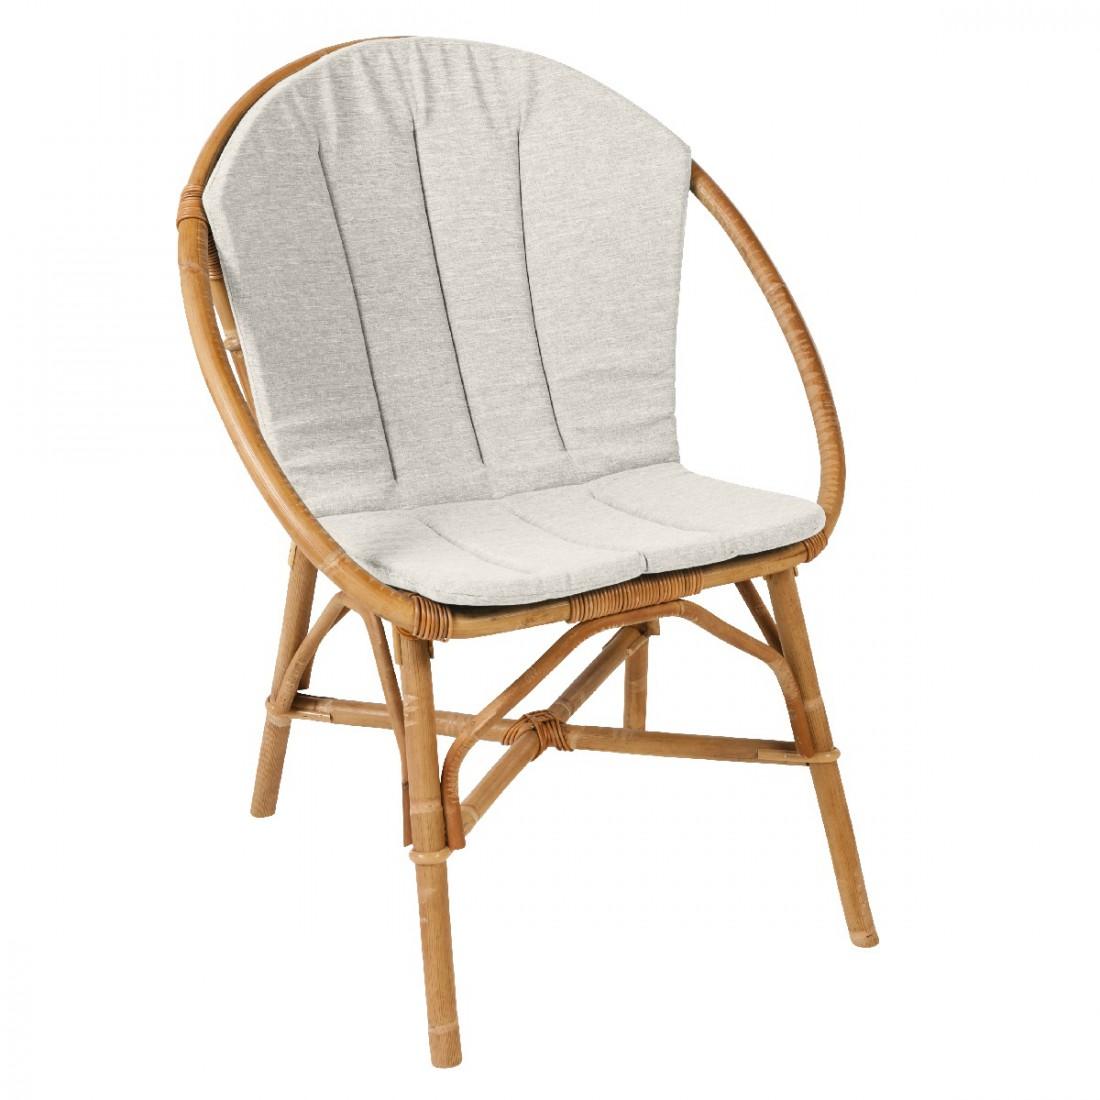 Coussin pour fauteuil bruno fauteuil rotin kok - Pouf en osier ...